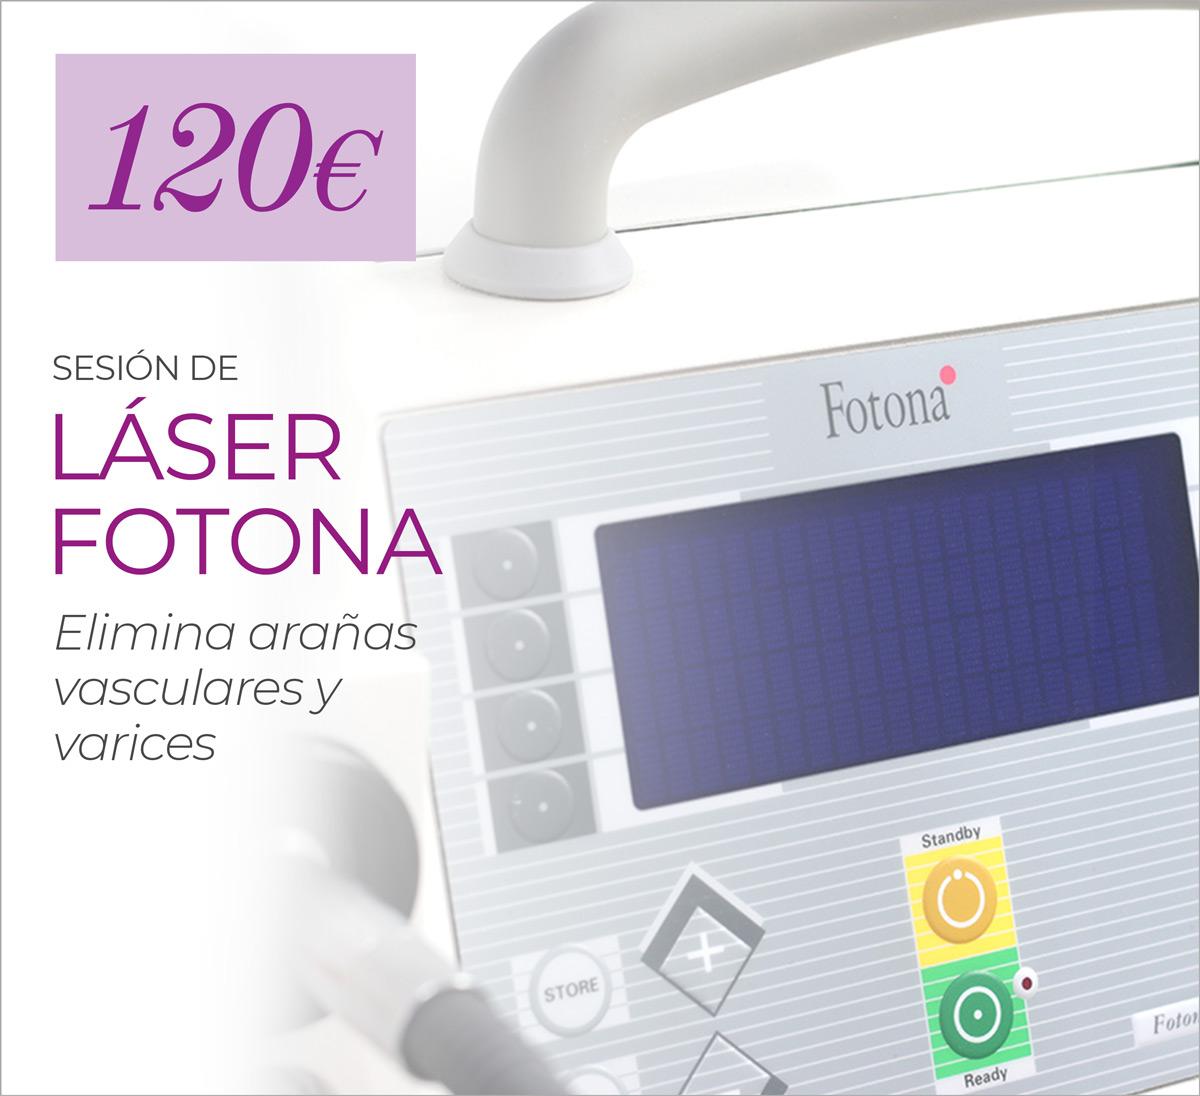 Sesión De Eliminación De Varices Y Arañas Vasculares Con Laser Fotona